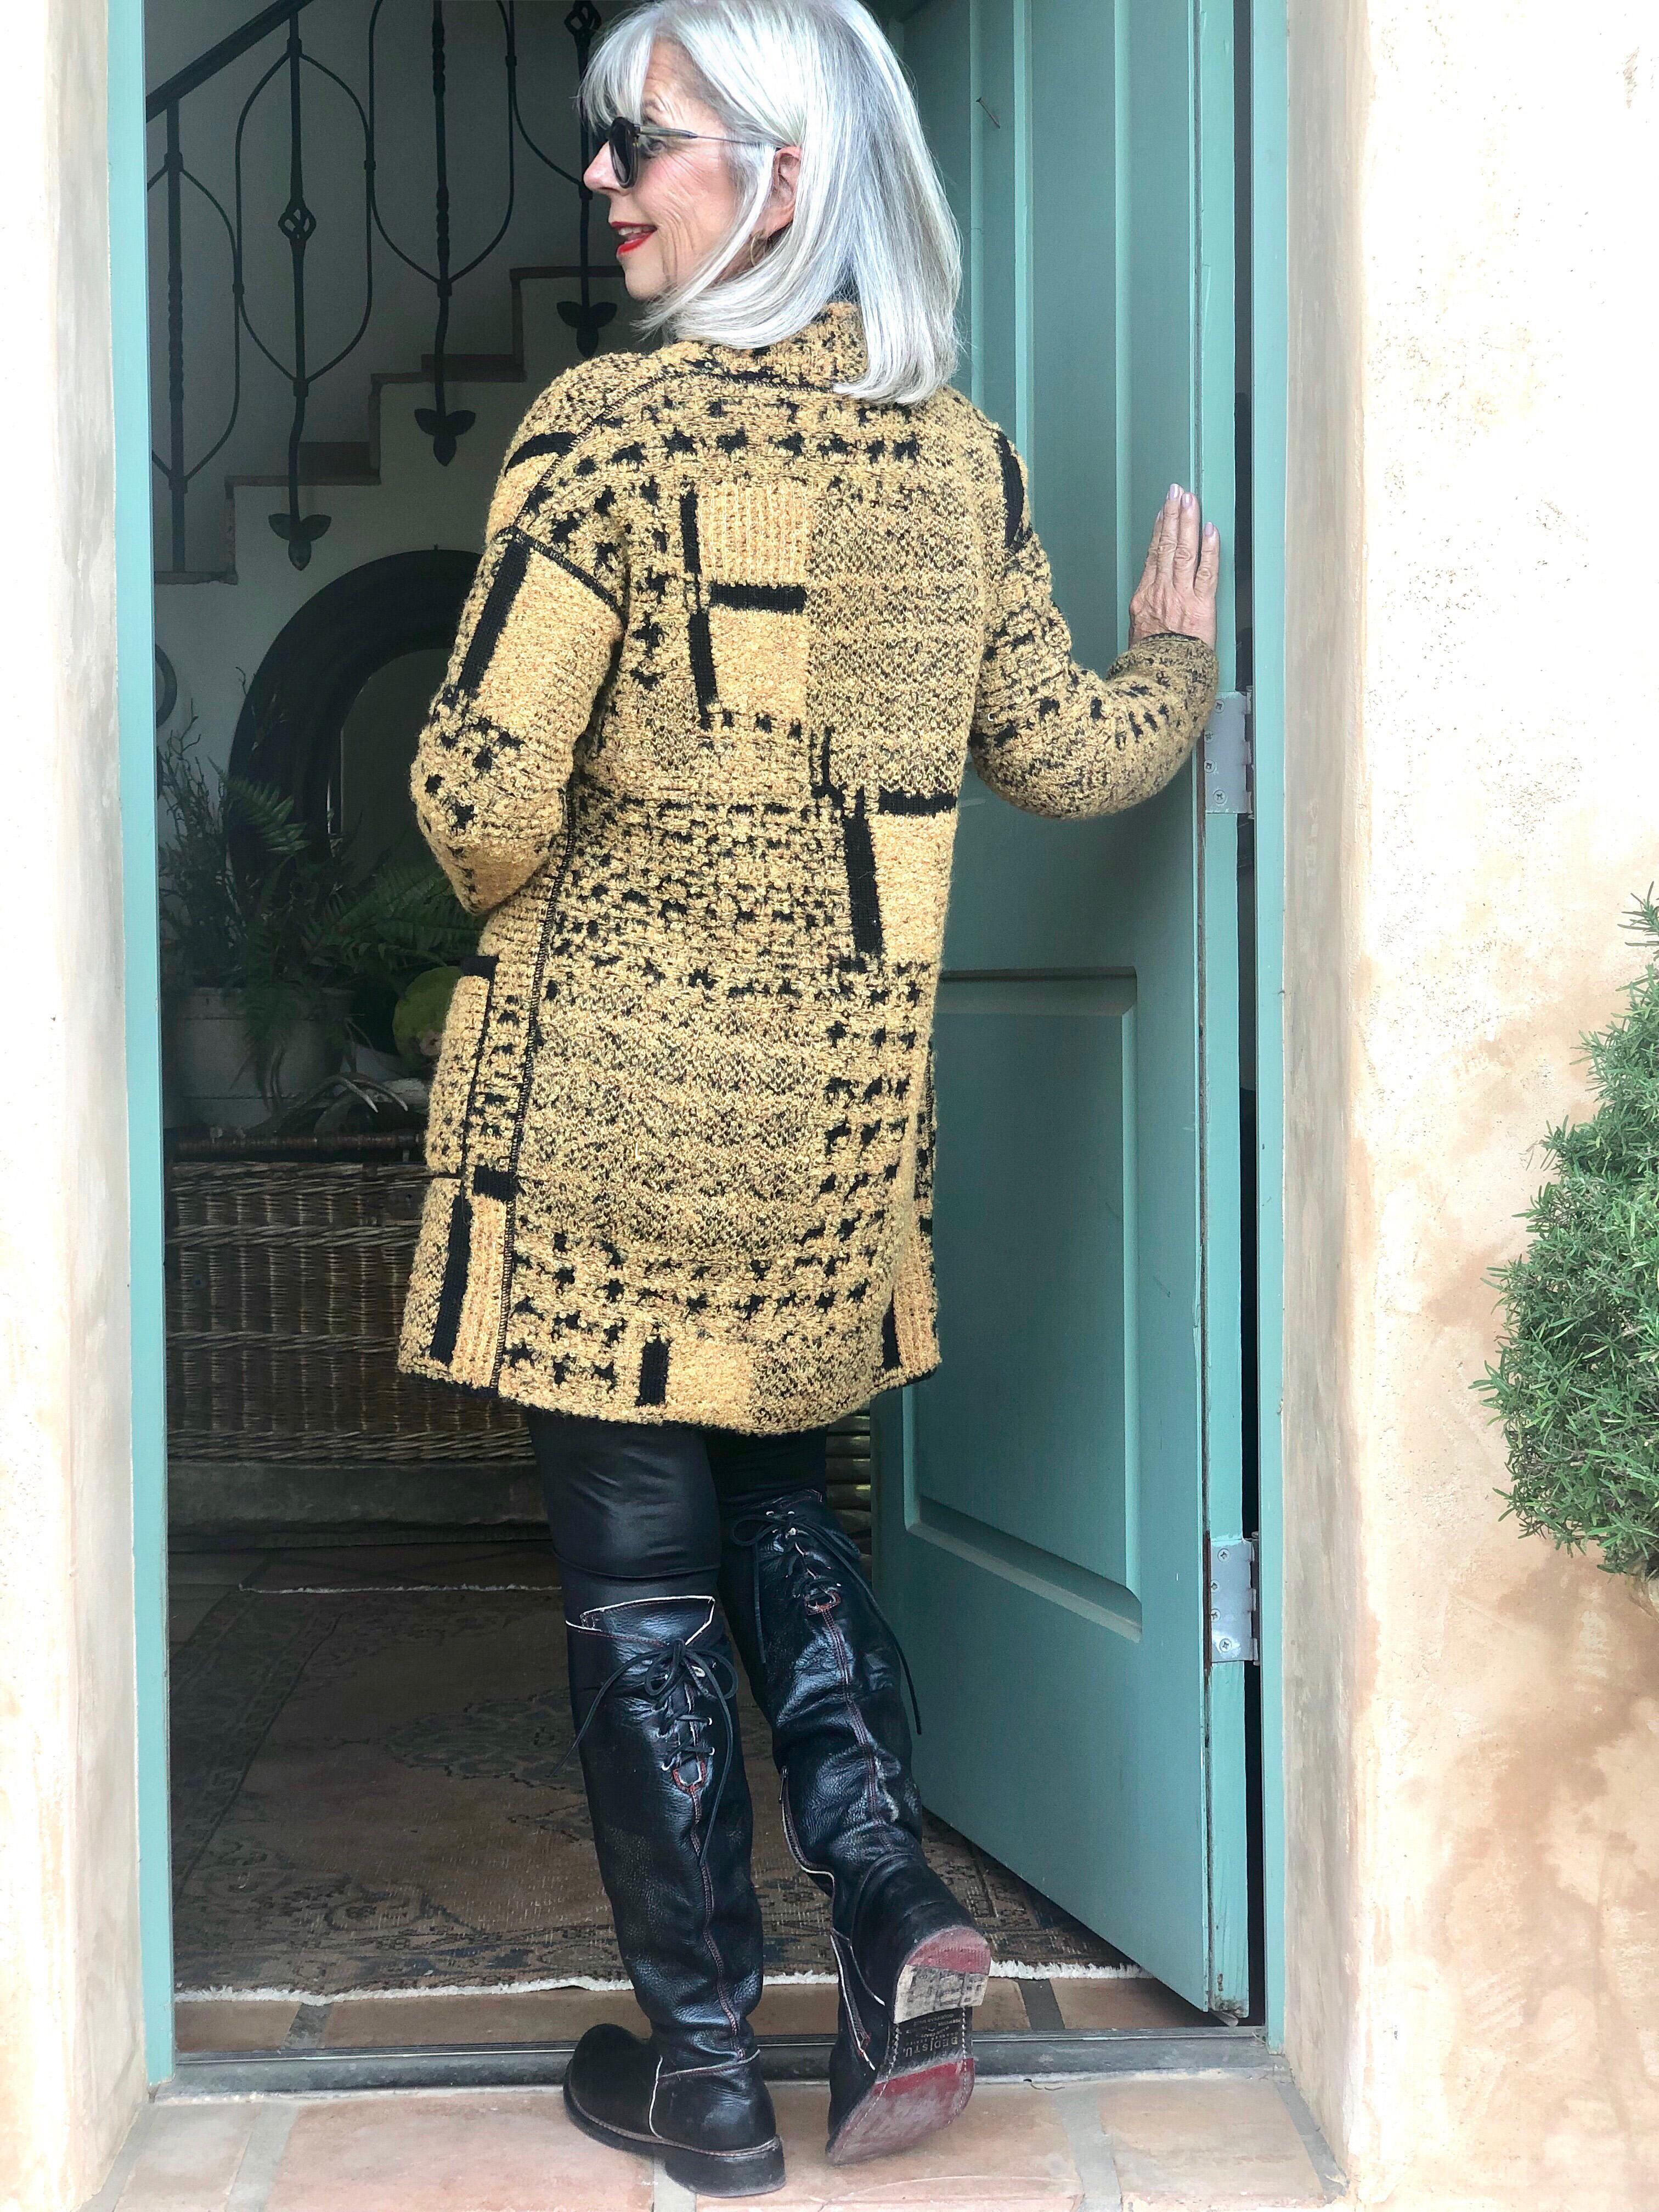 Fashion over 50-One Jacket Four Ways